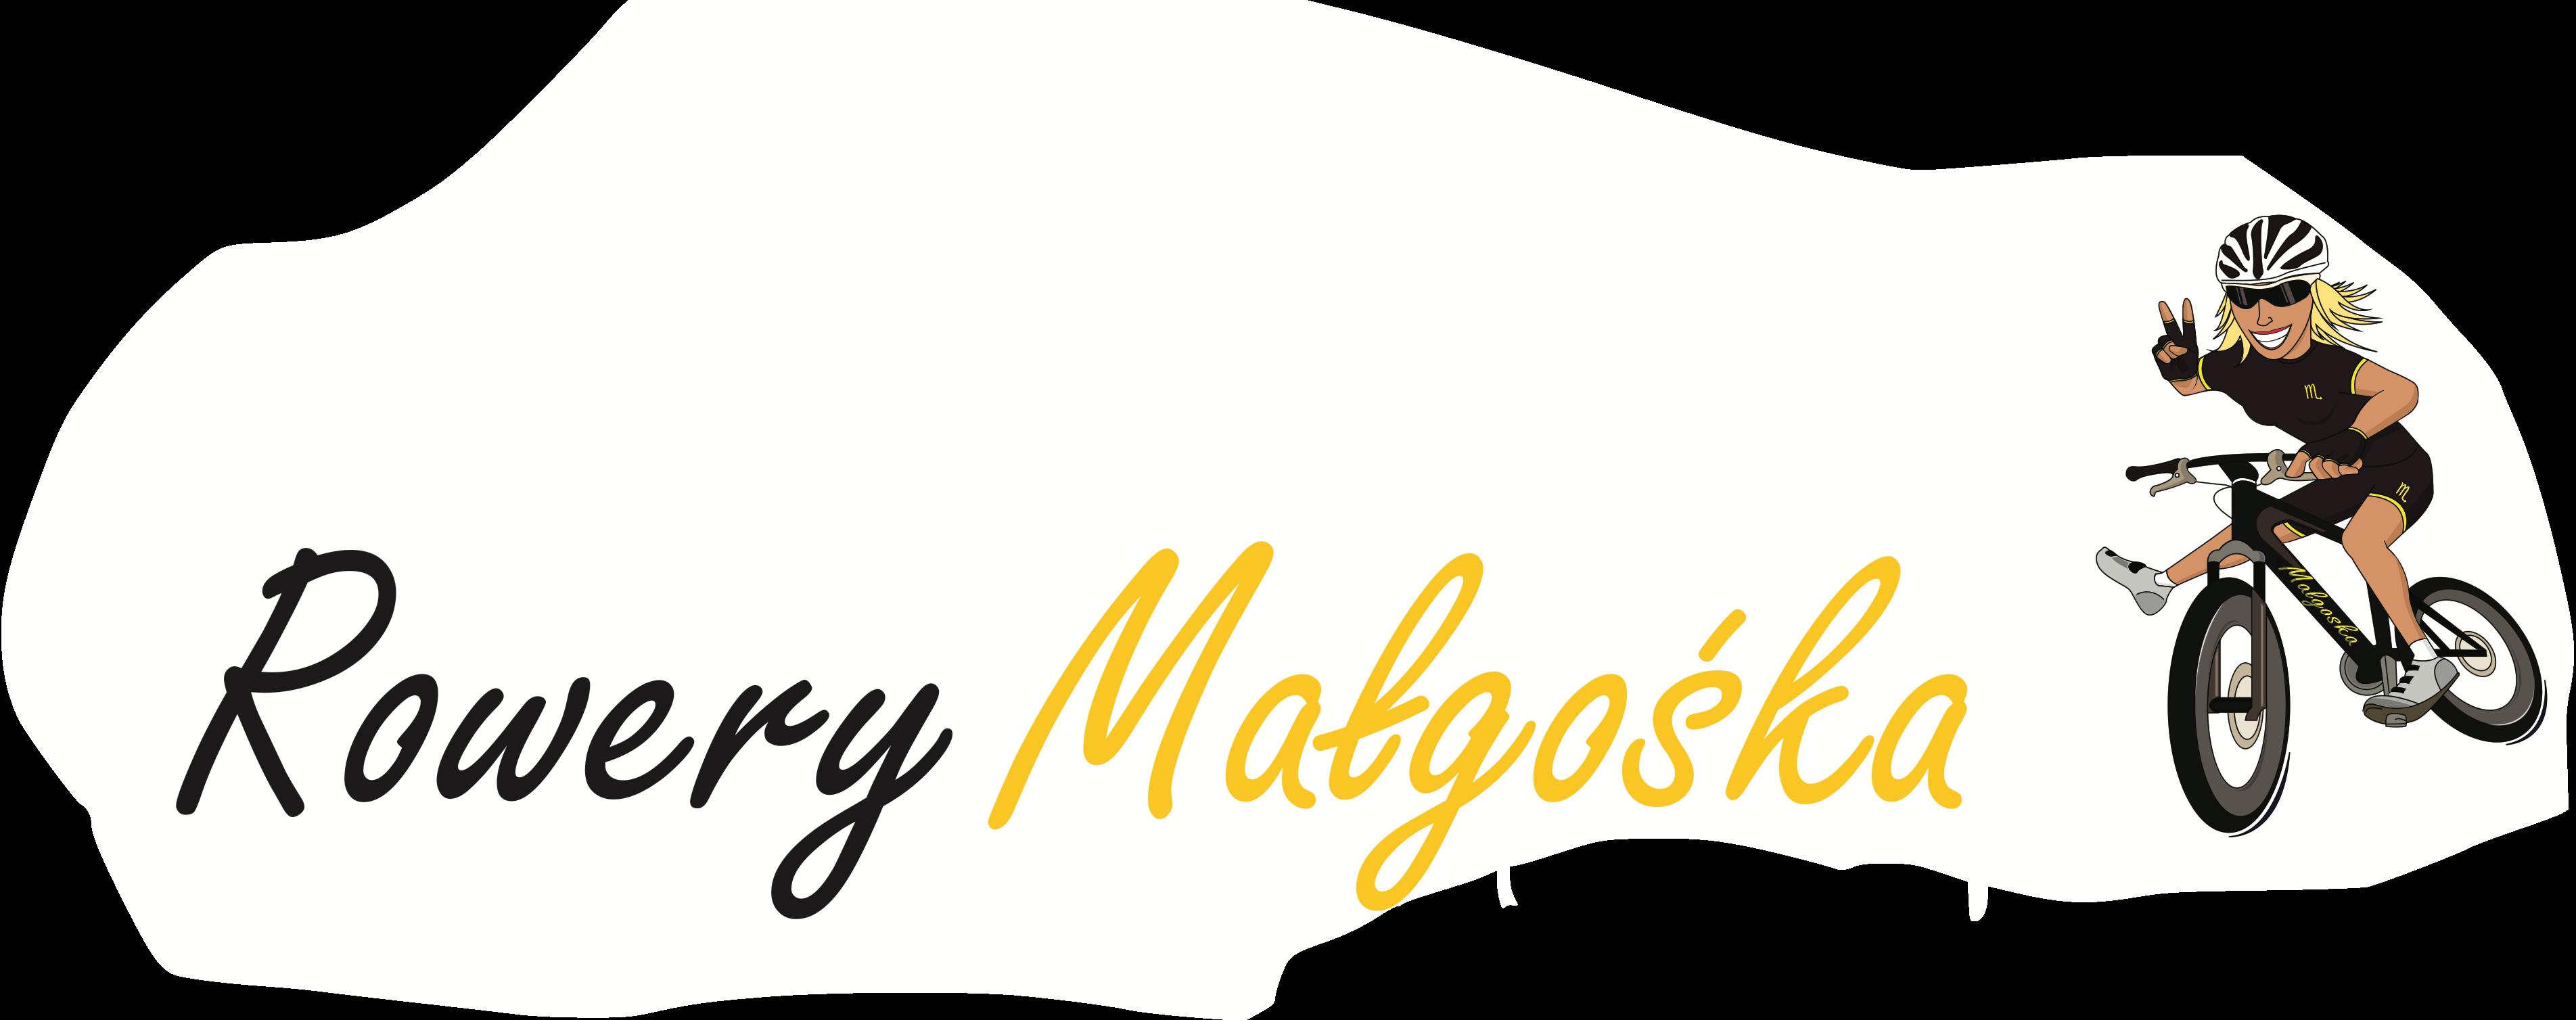 Rowery Malgoska e-sklep